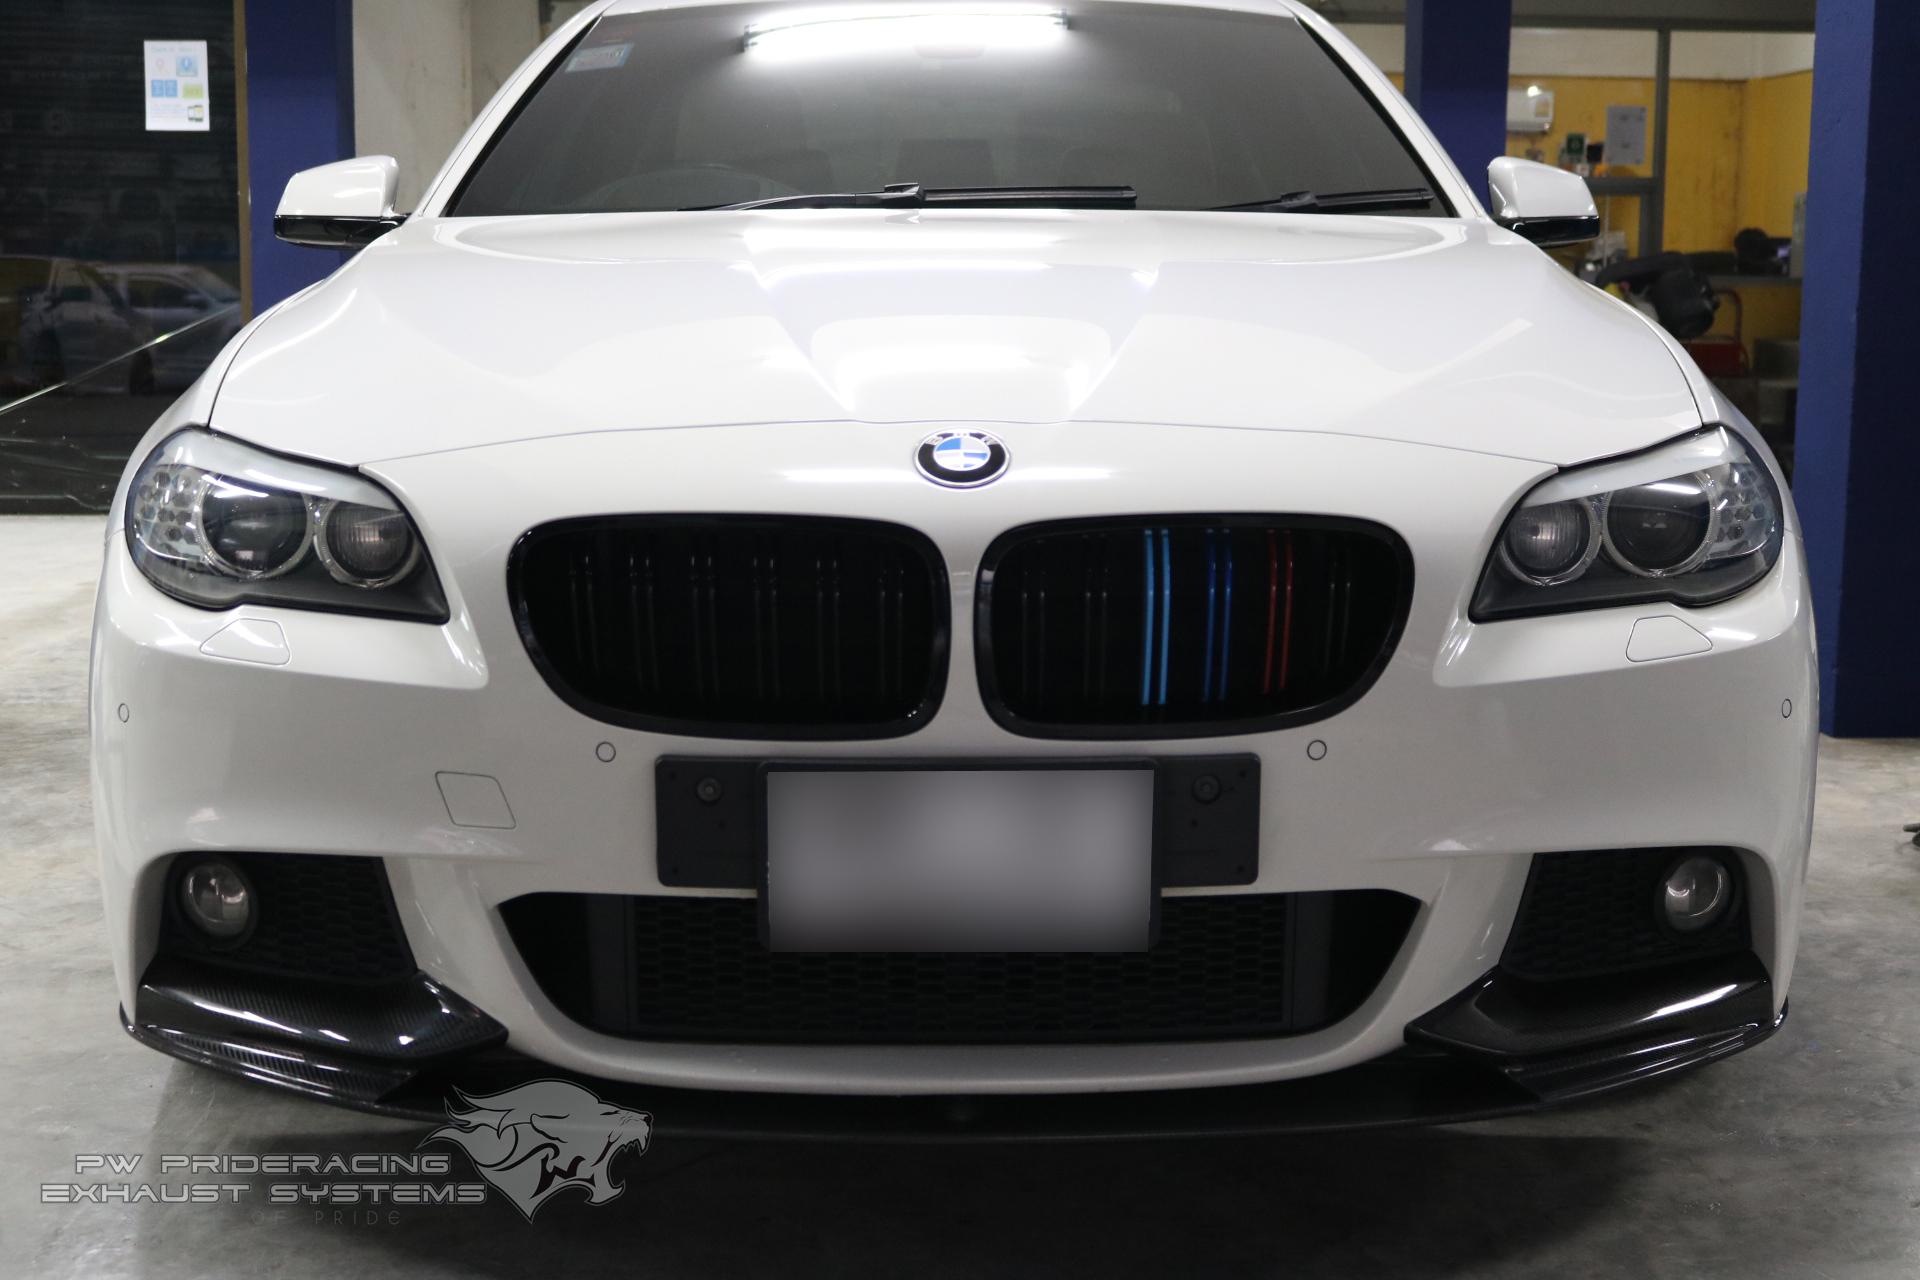 ชุดท่อไอเสีย BMW F10 520D Diesel Engine Full Exhaust System